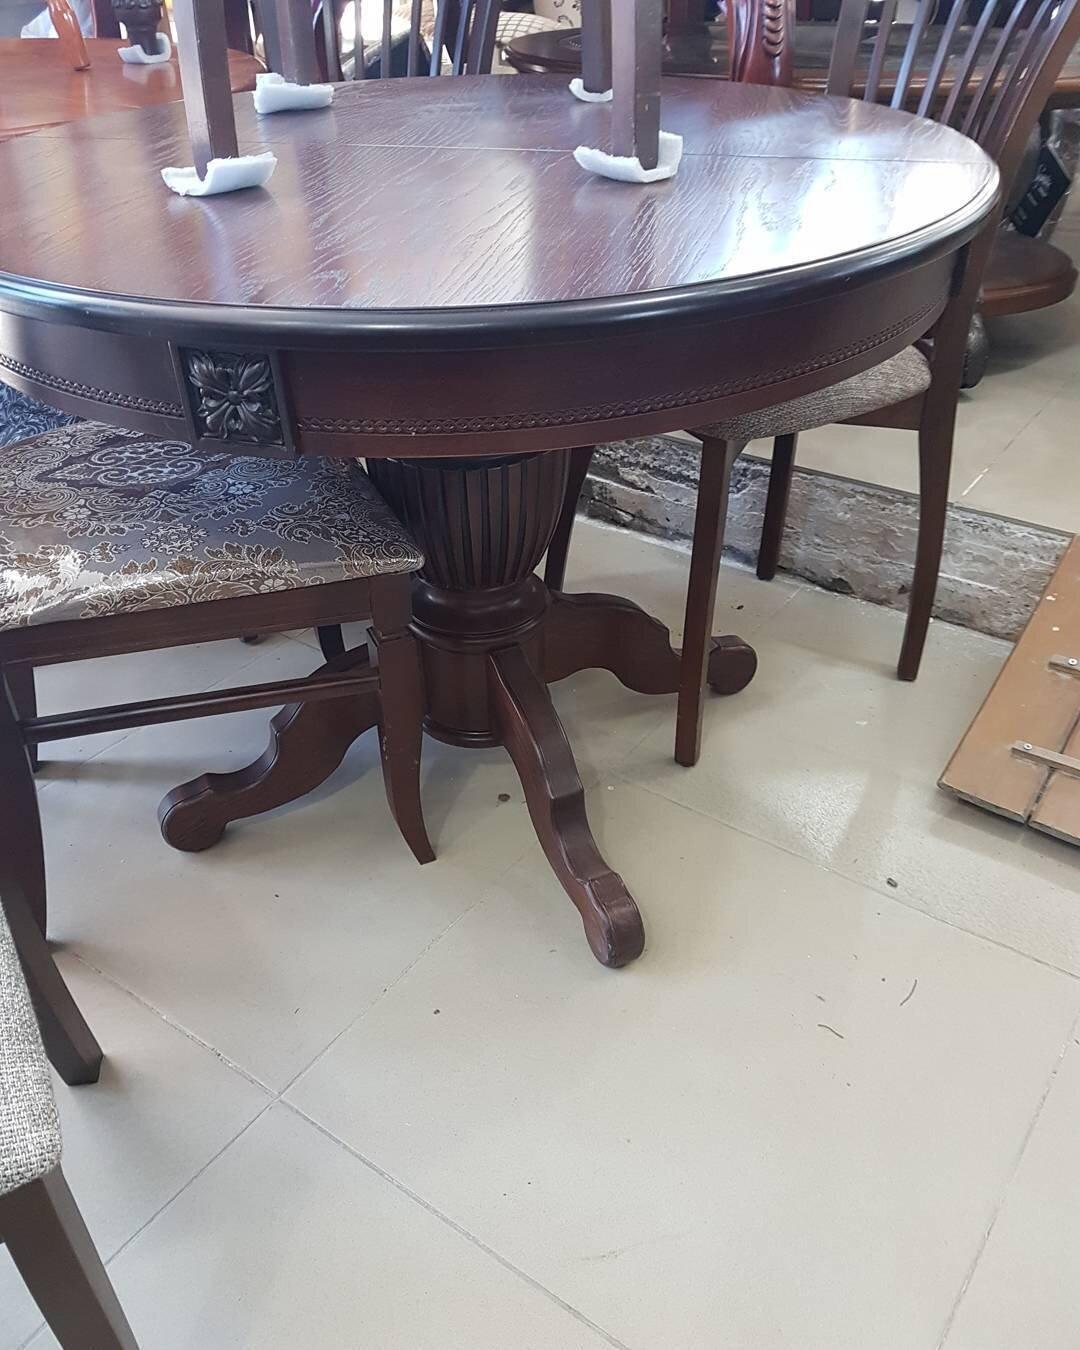 Круглый обеденный стол раздвижной Степ Диаметр: 100 (+30 ) см. 1000*1000мм цвет орех, из массива дерева бук - фото pic_1a04e157f9b6f3e6db68f5ad08ddeeff_1920x9000_1.jpg